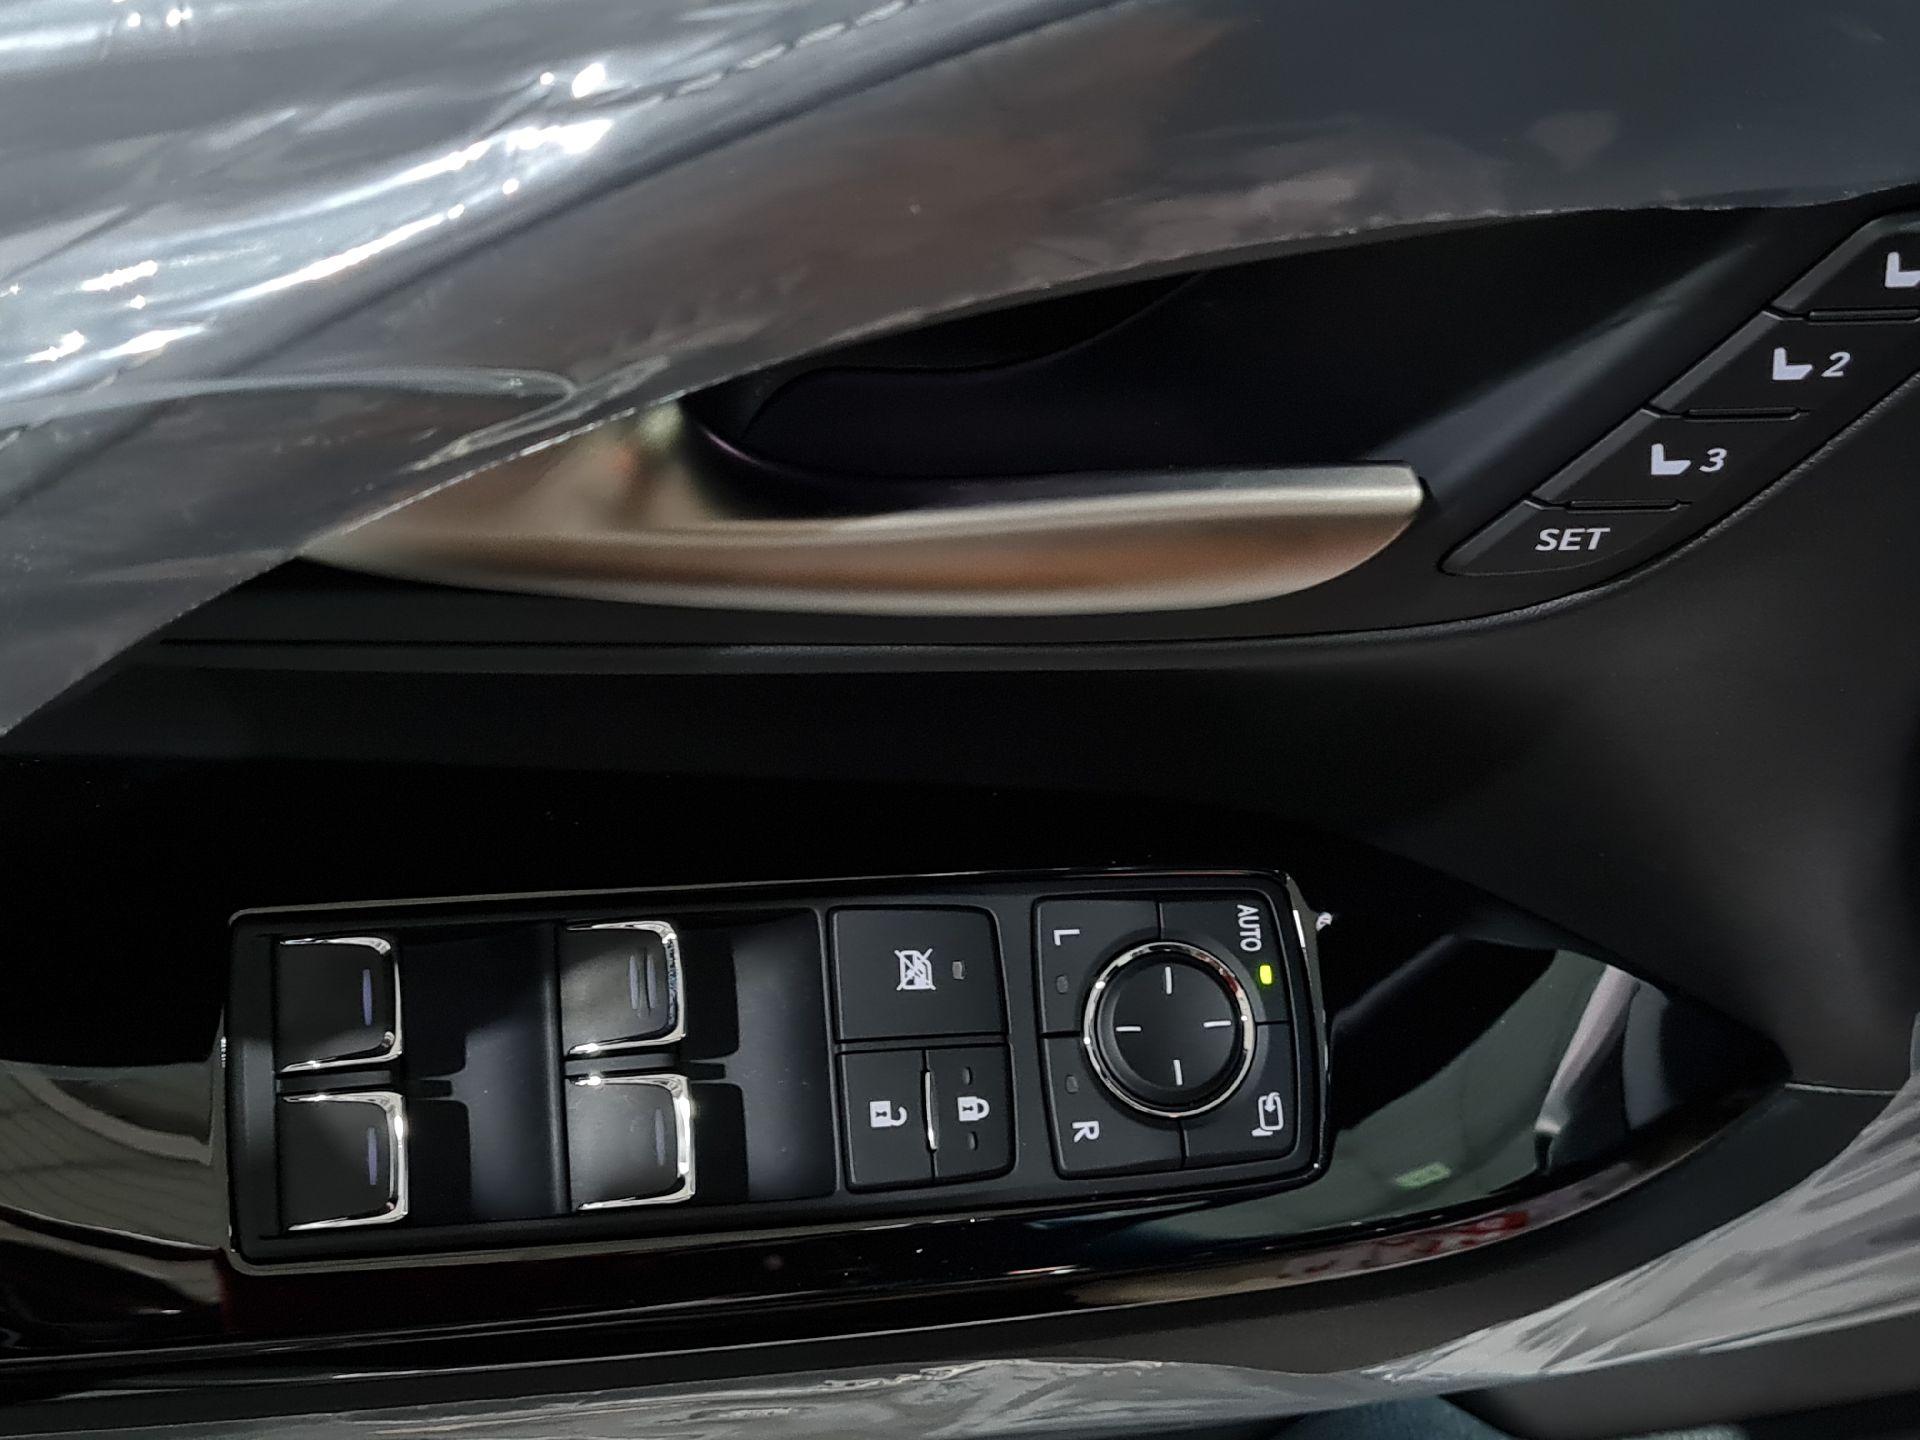 لكزس LX 570 Black Ed. 2021 فل سعودي للبيع في الرياض - السعودية - صورة كبيرة - 14